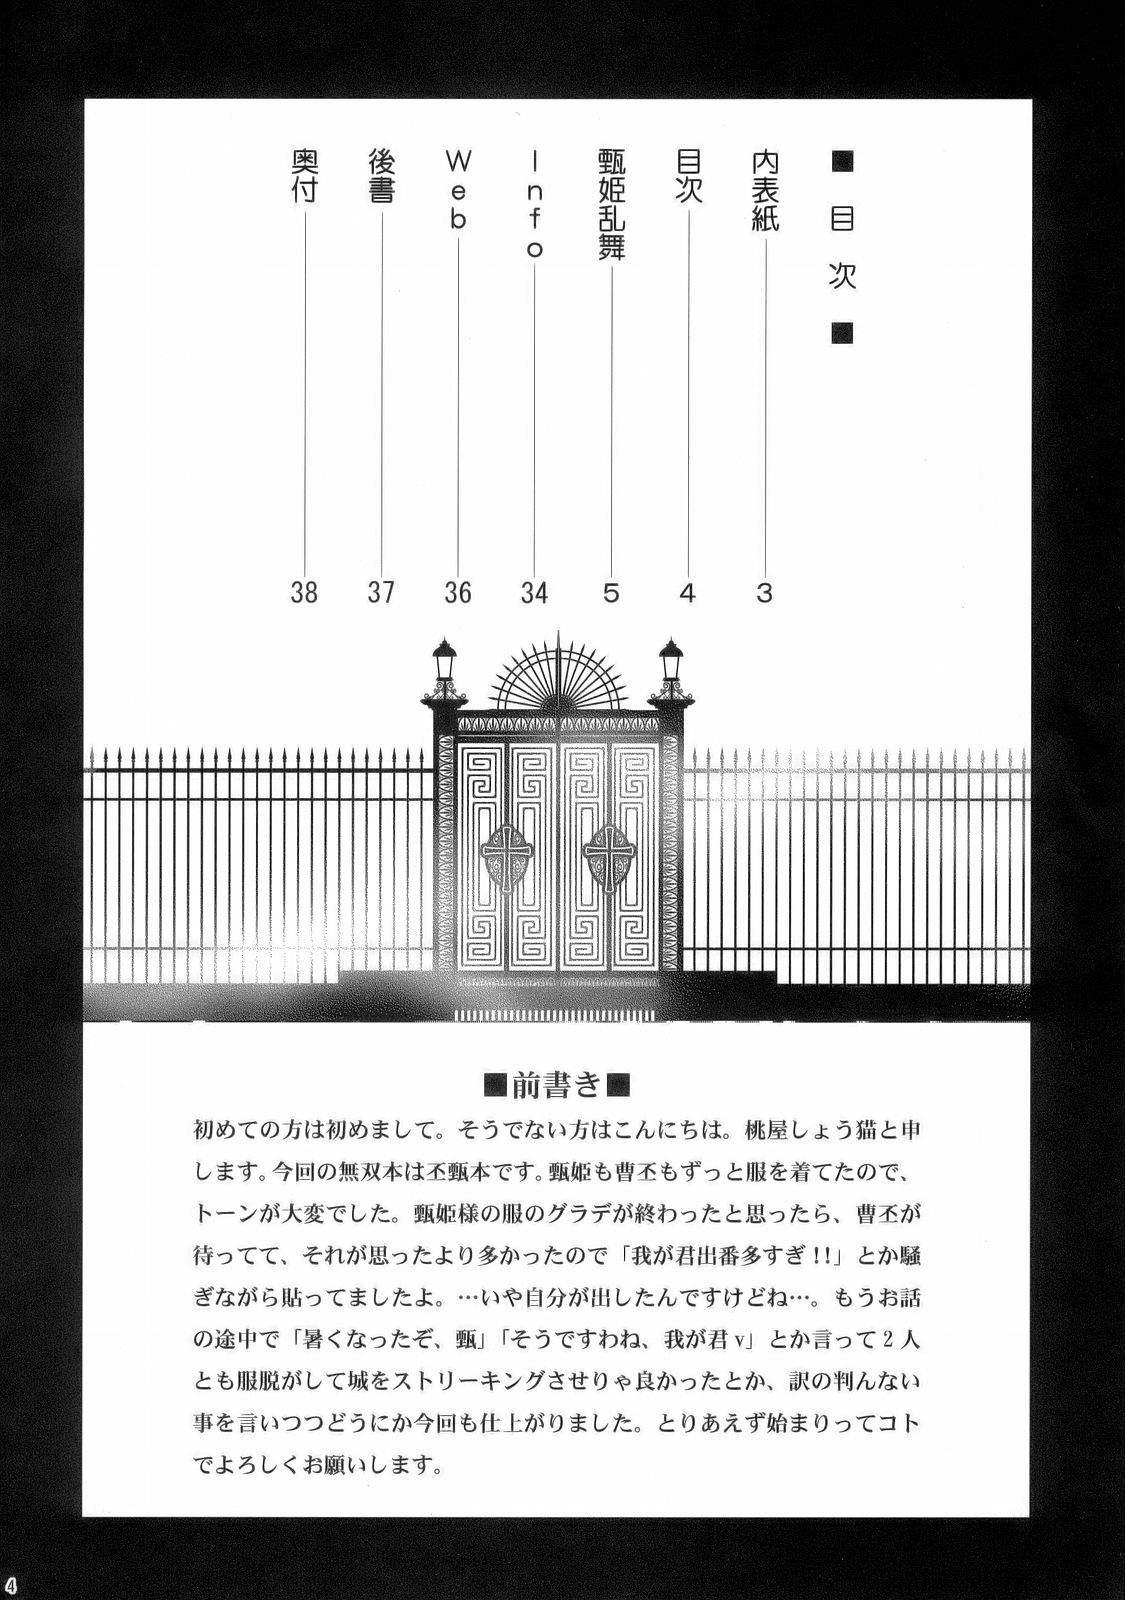 三国同人之甄姬乱舞 漫画-第3张